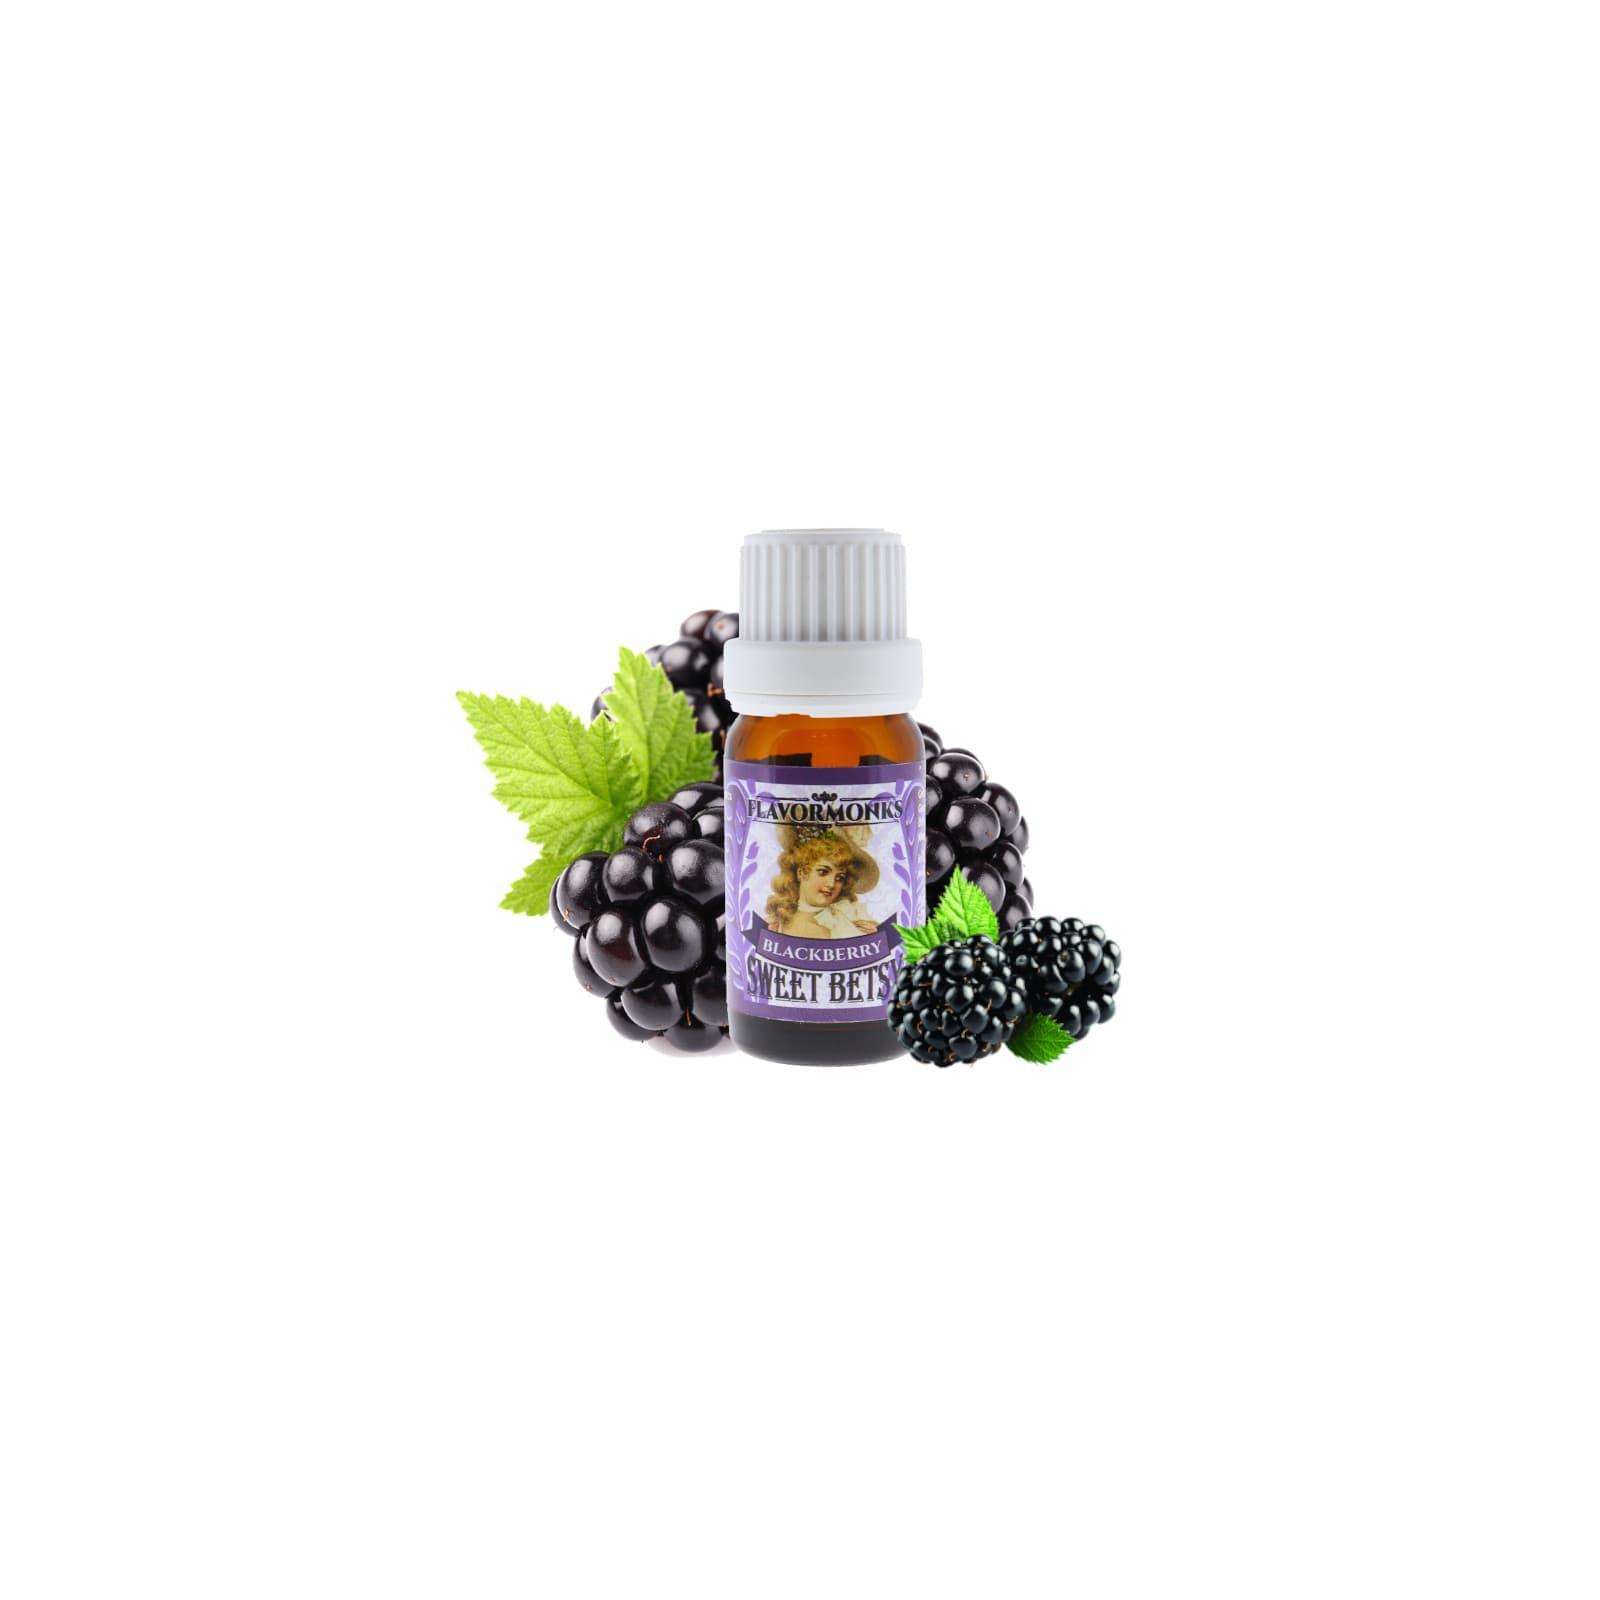 Concentré Blackberry Sweet Betsy 10ml - Flavormonks